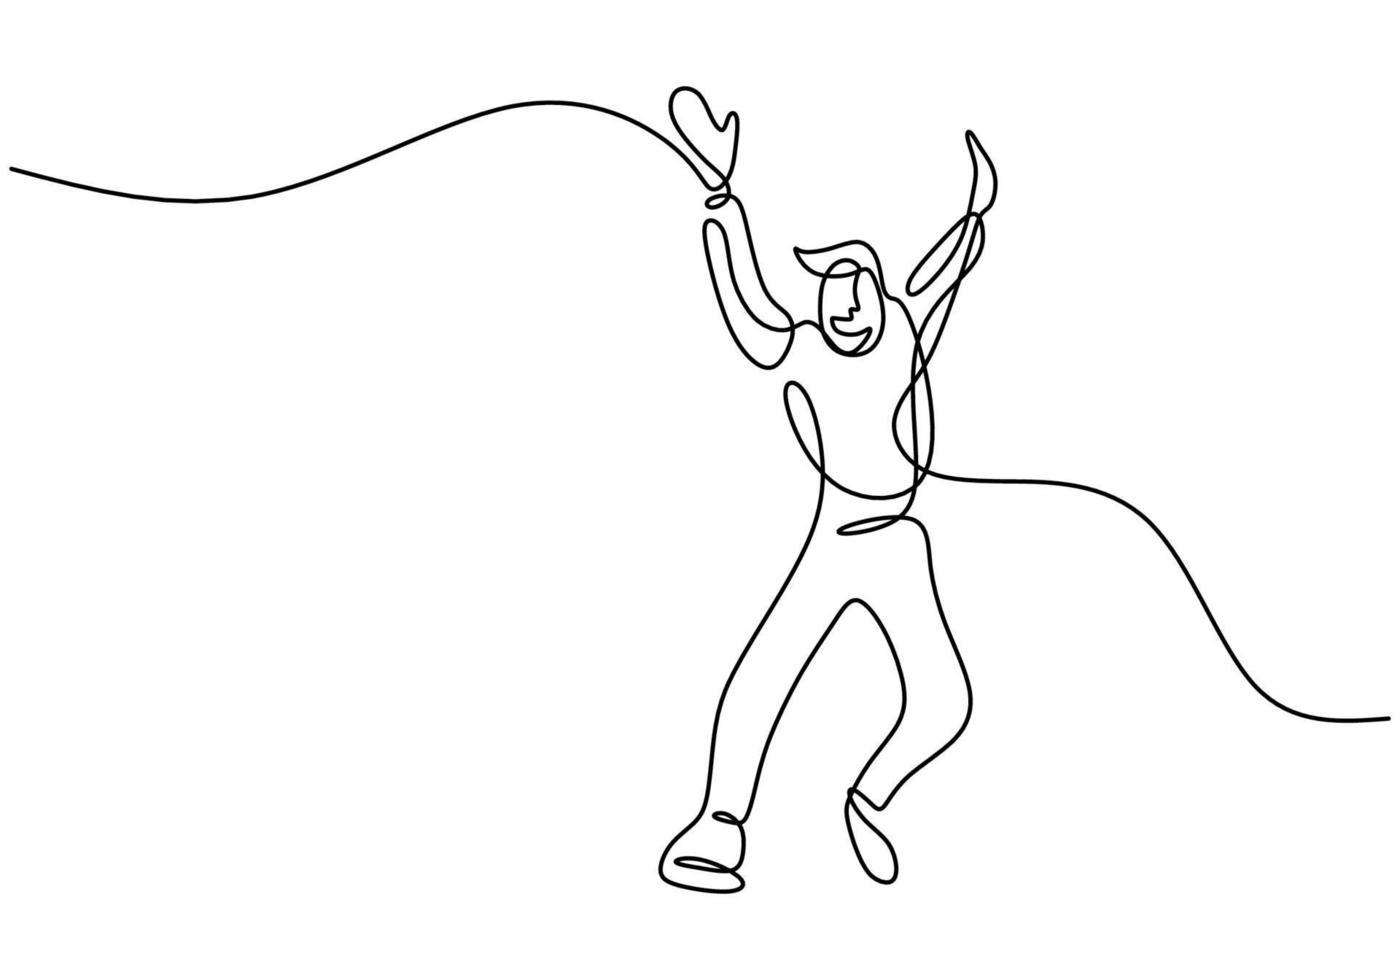 disegno a tratteggio continuo di uomo felice che salta. il giovane salto maschio attraente sembra felice e la libertà isolata su priorità bassa bianca. realizzazione e sogno del concetto di successo. illustrazione di schizzo di vettore